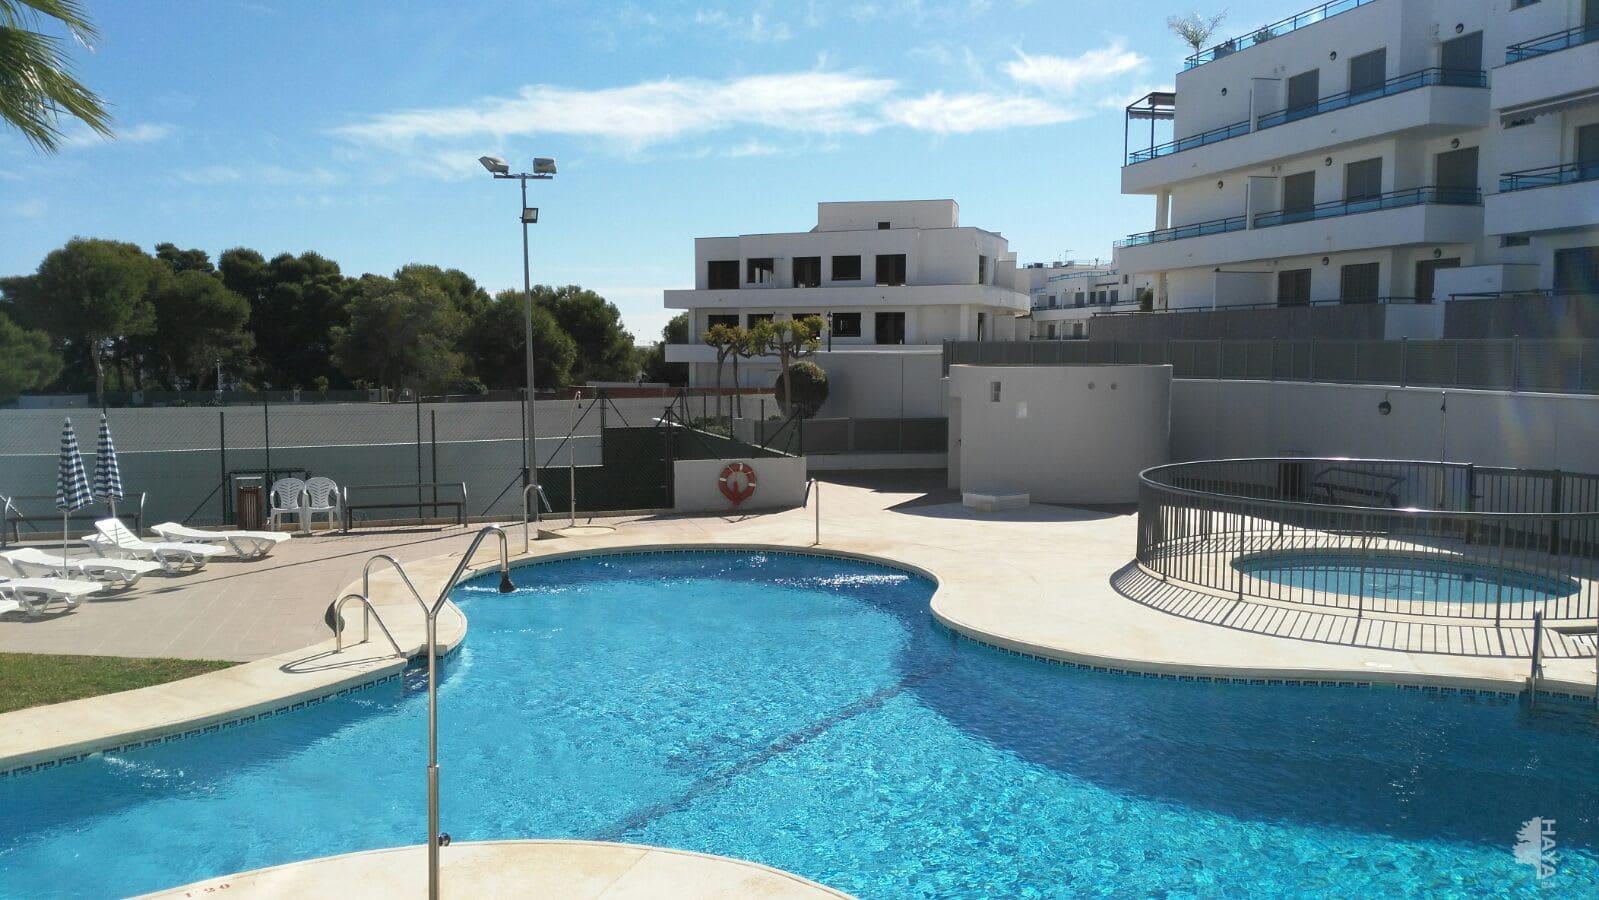 Piso en venta en Garrucha, Garrucha, Almería, Calle Murillo, 96.300 €, 2 habitaciones, 2 baños, 70 m2